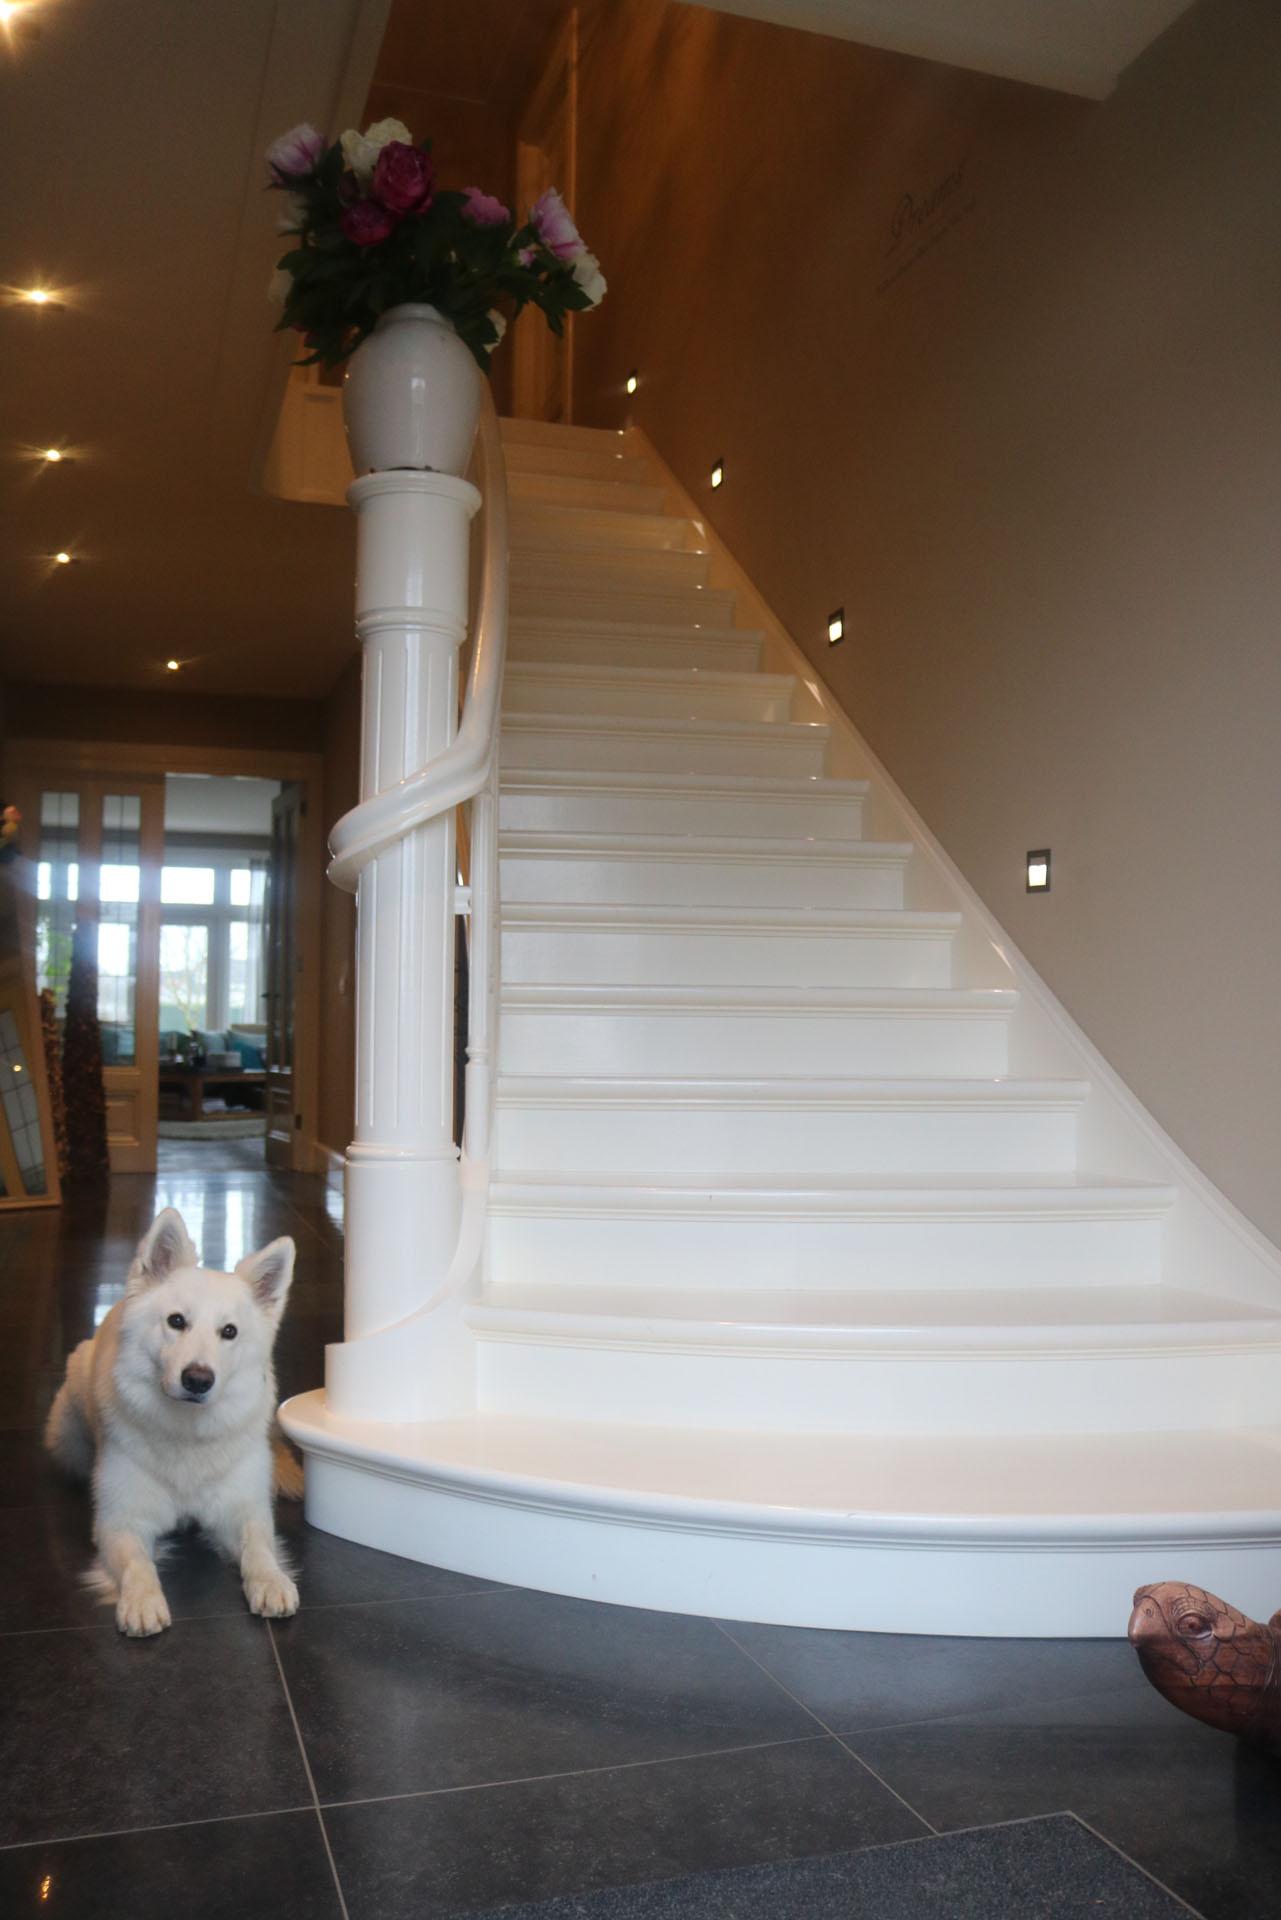 witte beukenhouten trap met uitwaaierende binnenboom